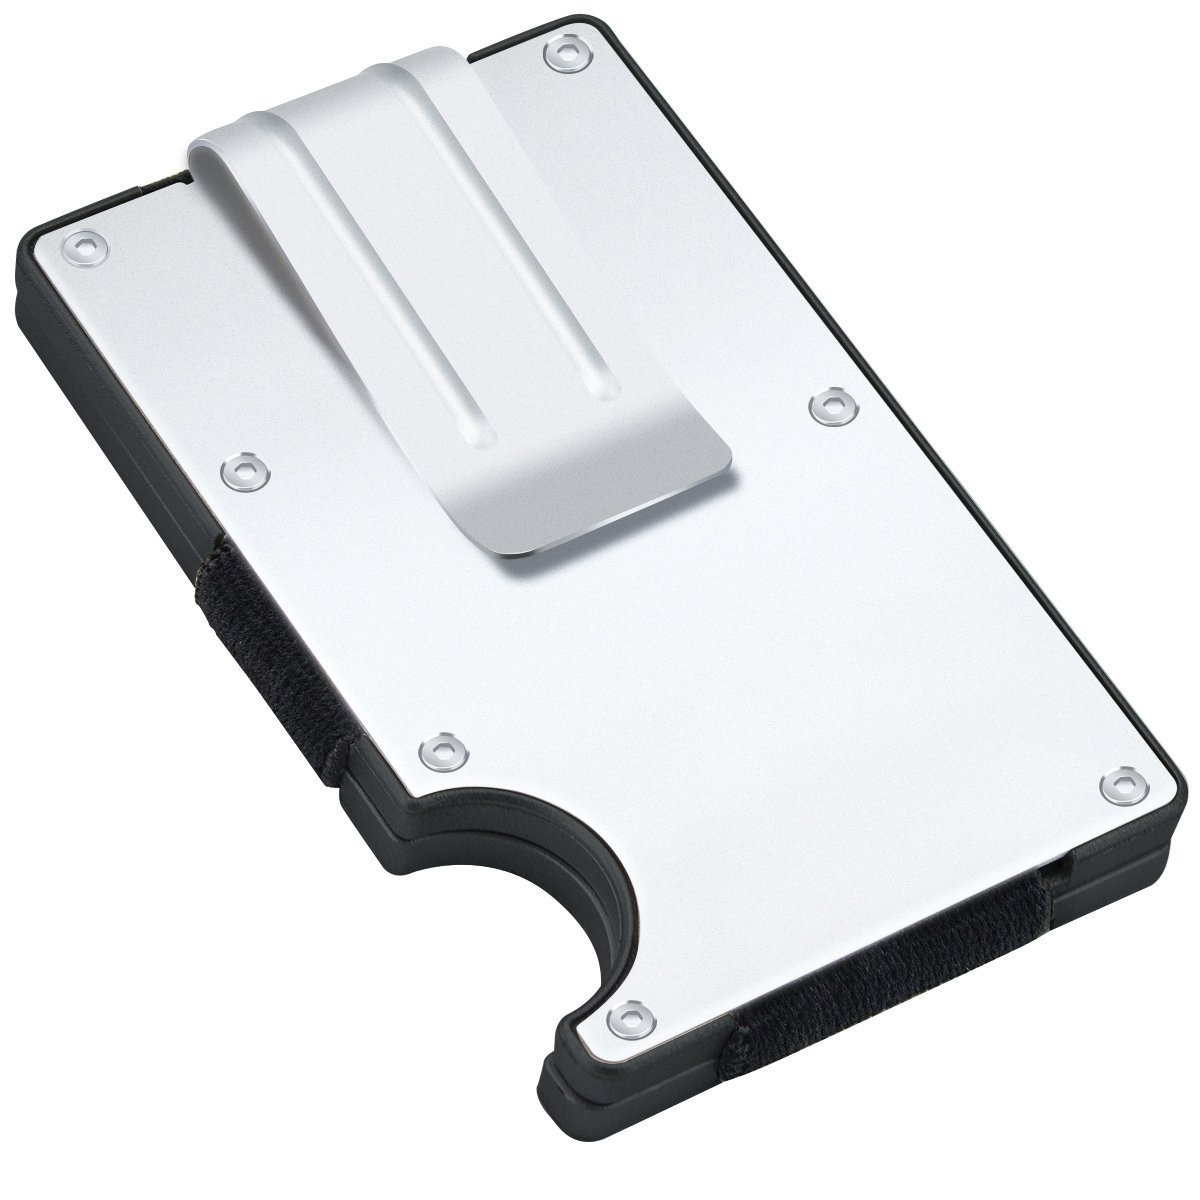 G-Hawk® Luftfahrt Aluminium Legierung Fallmappen Schlank Minimalistisch Visitenkarte Halter mit ABS-Kunststoff Leichter Geldclip mit RFID Blocking für Männer Frauen OEM 927-VL